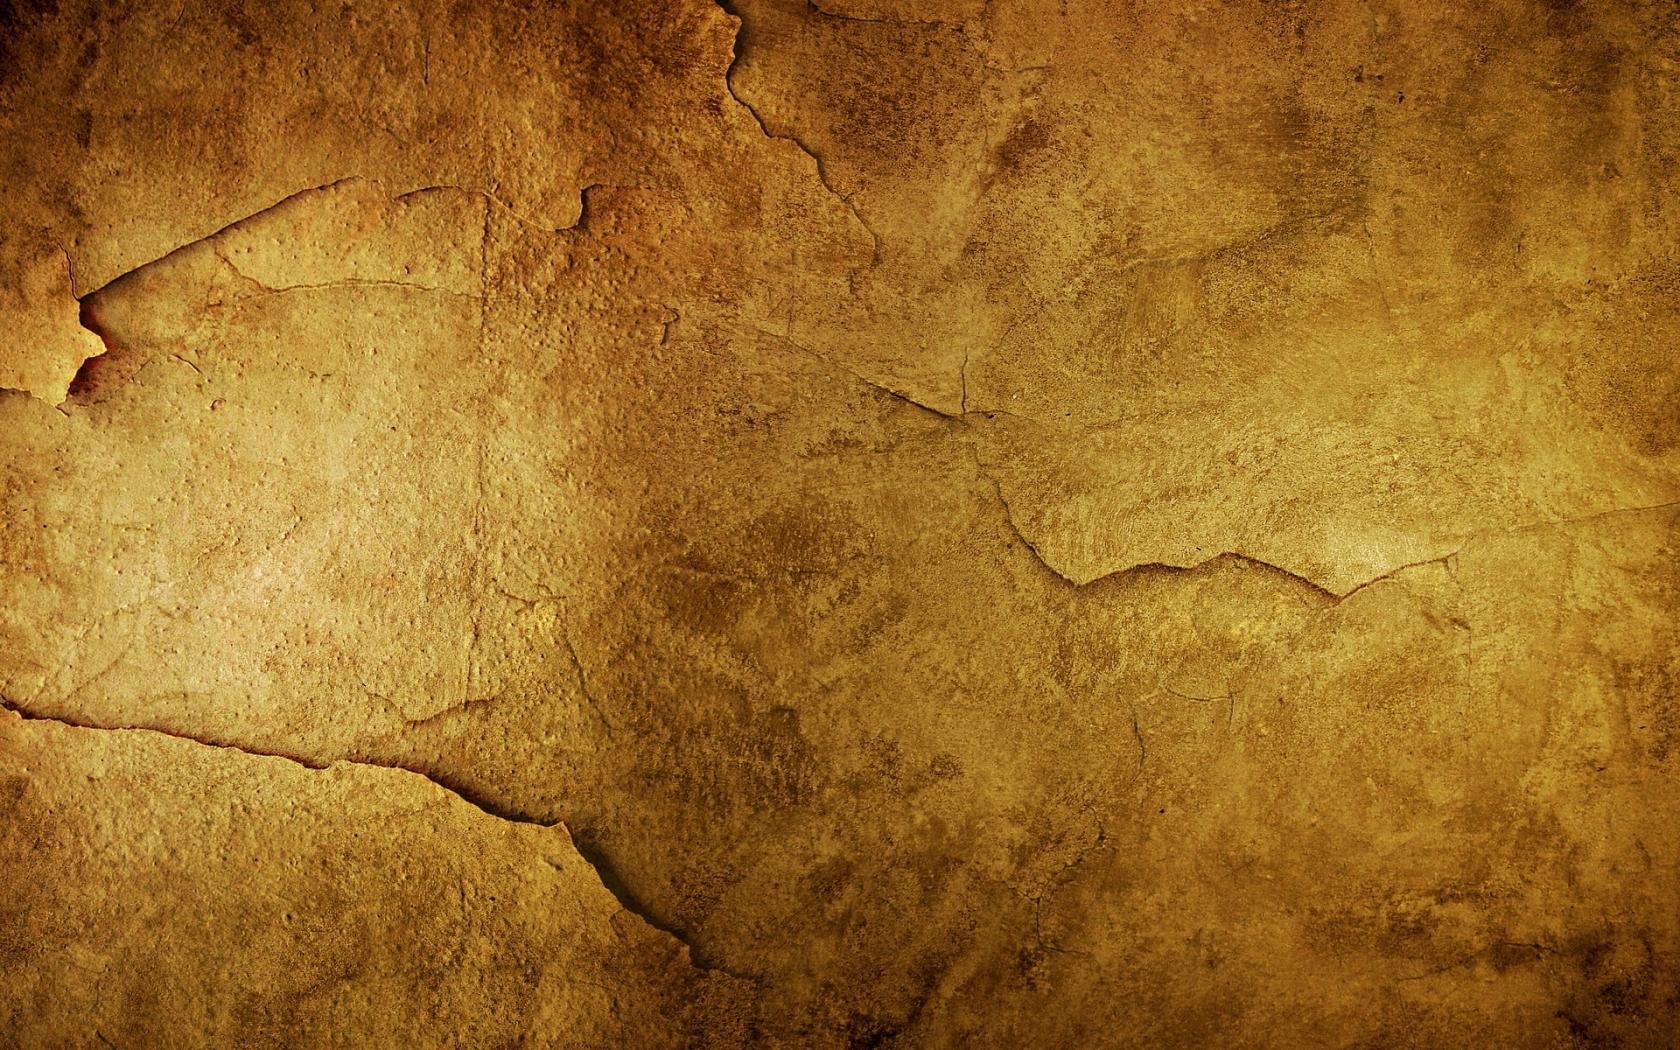 Texturas de papeles viejos - 1680x1050